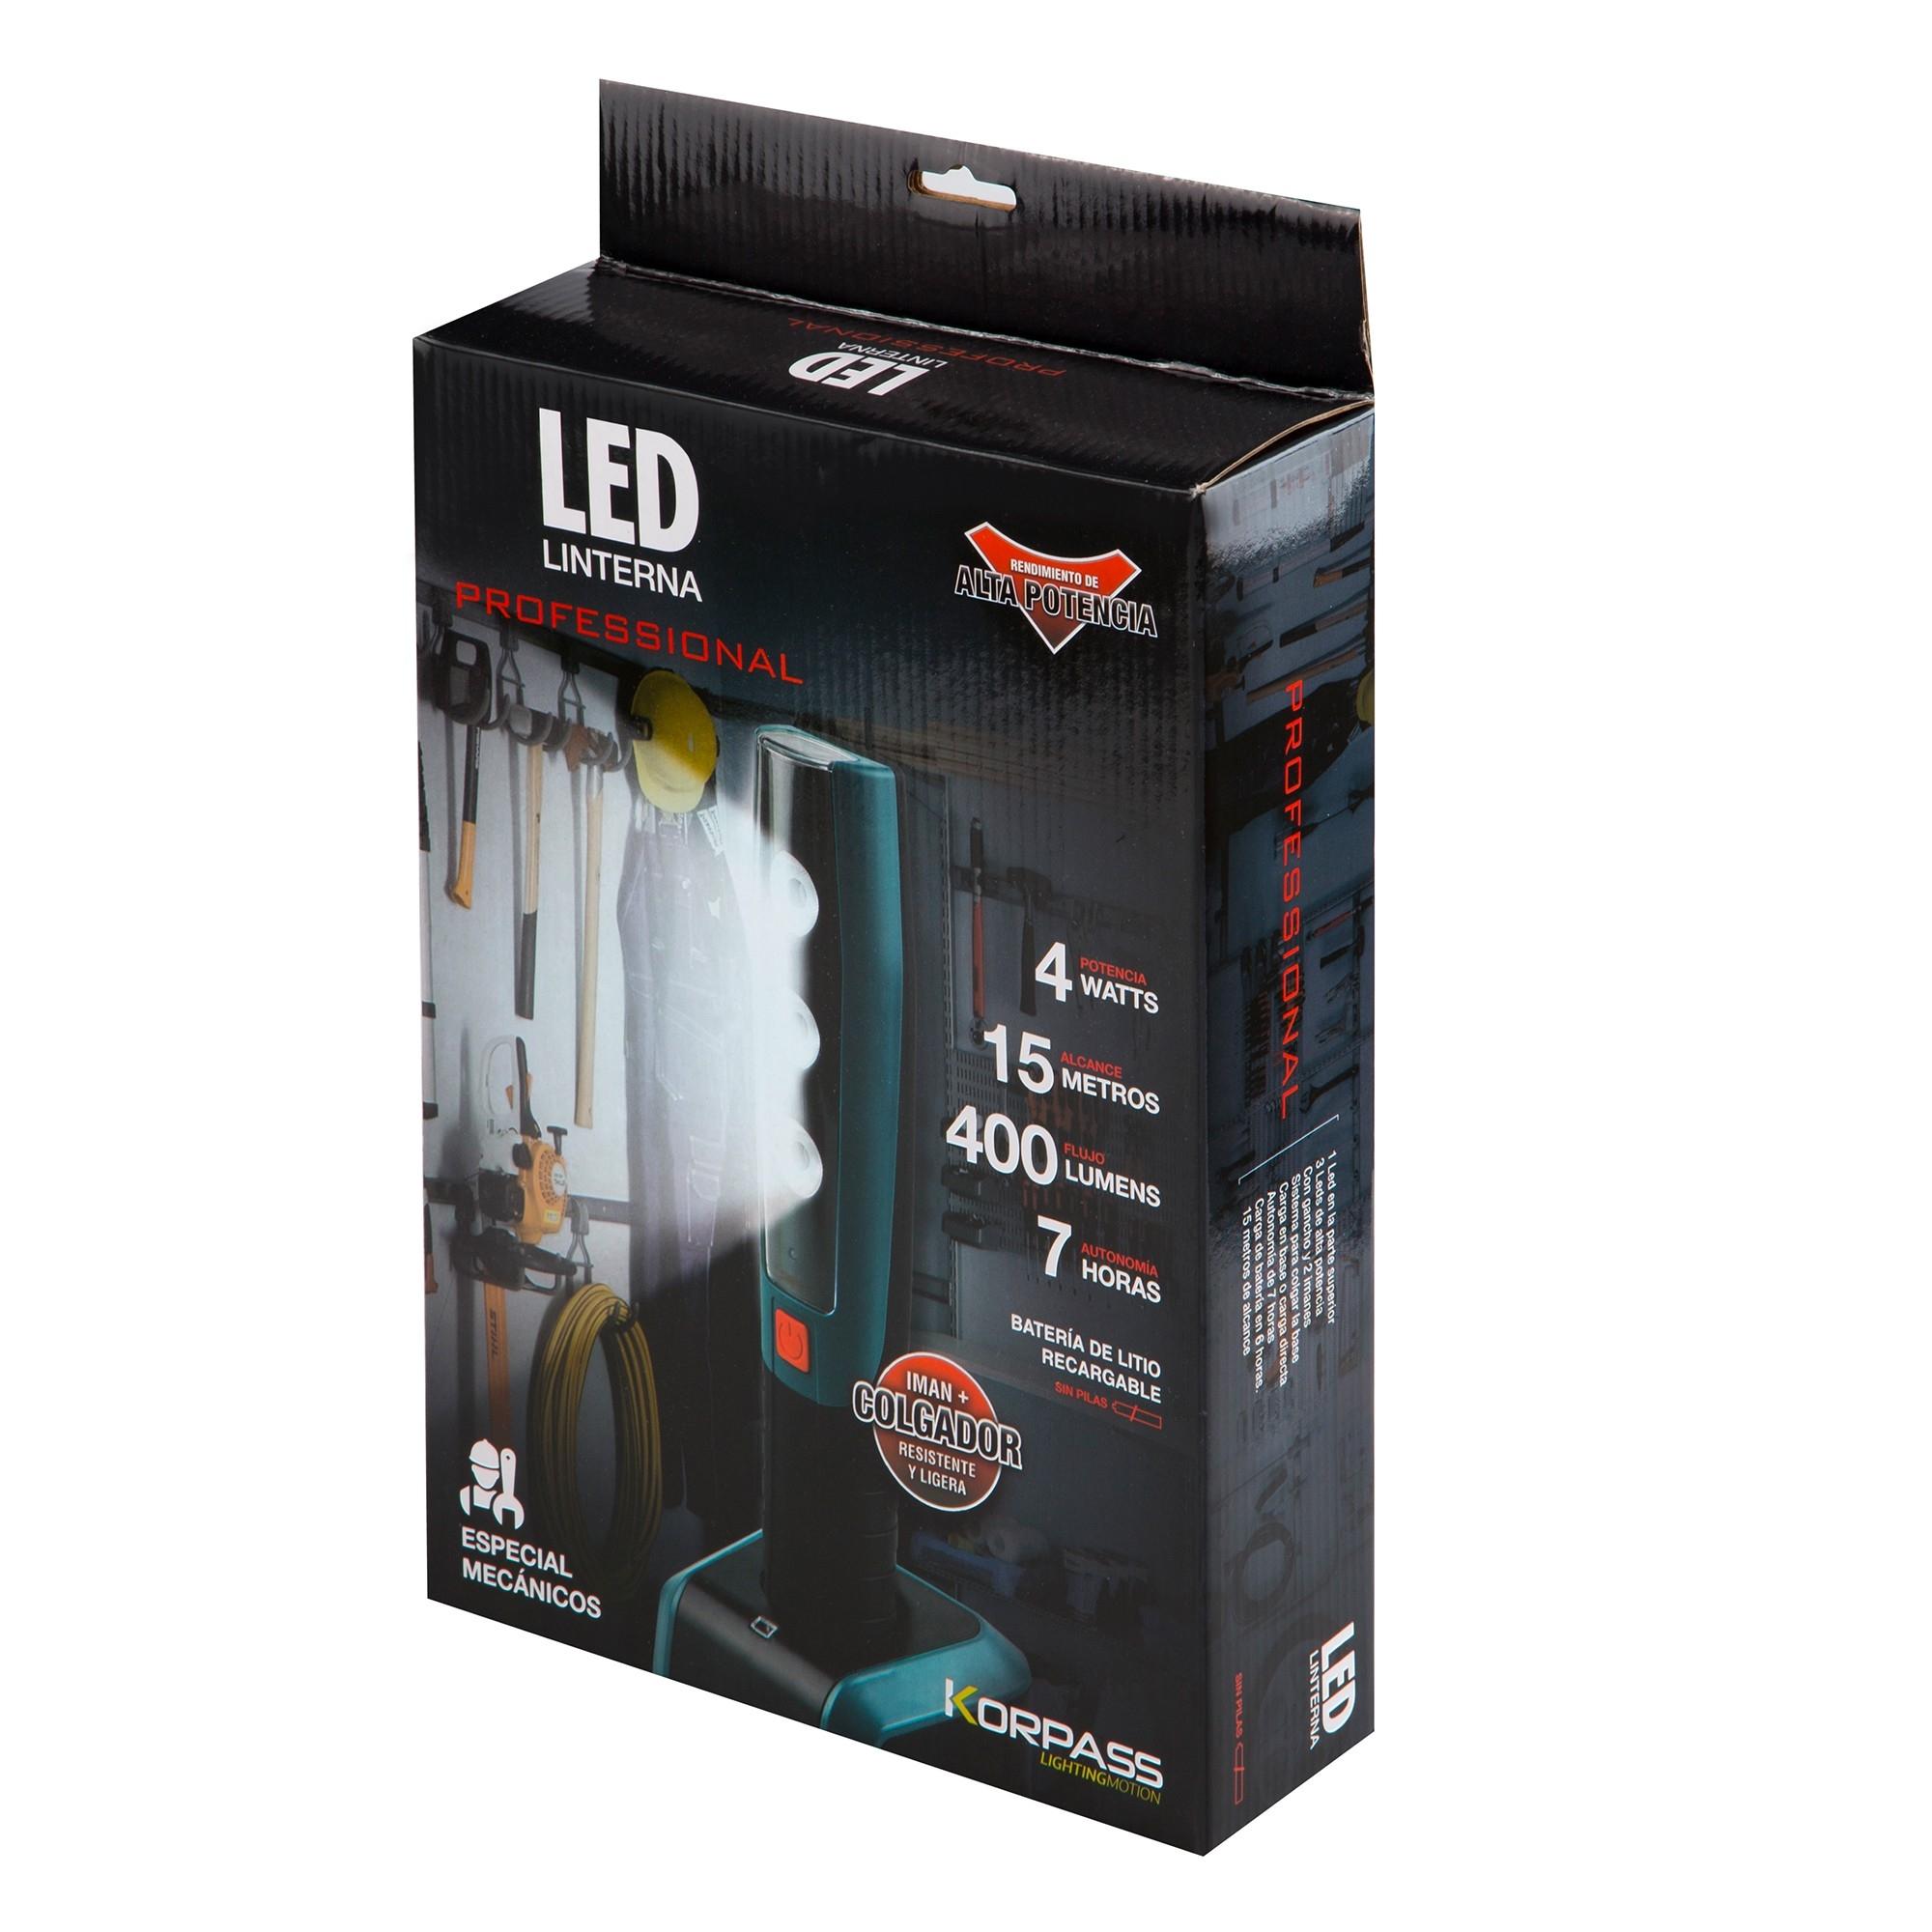 PORTABLE LED INSPECTIE LAMP MET MAGNEET EN BASE - 2 standen